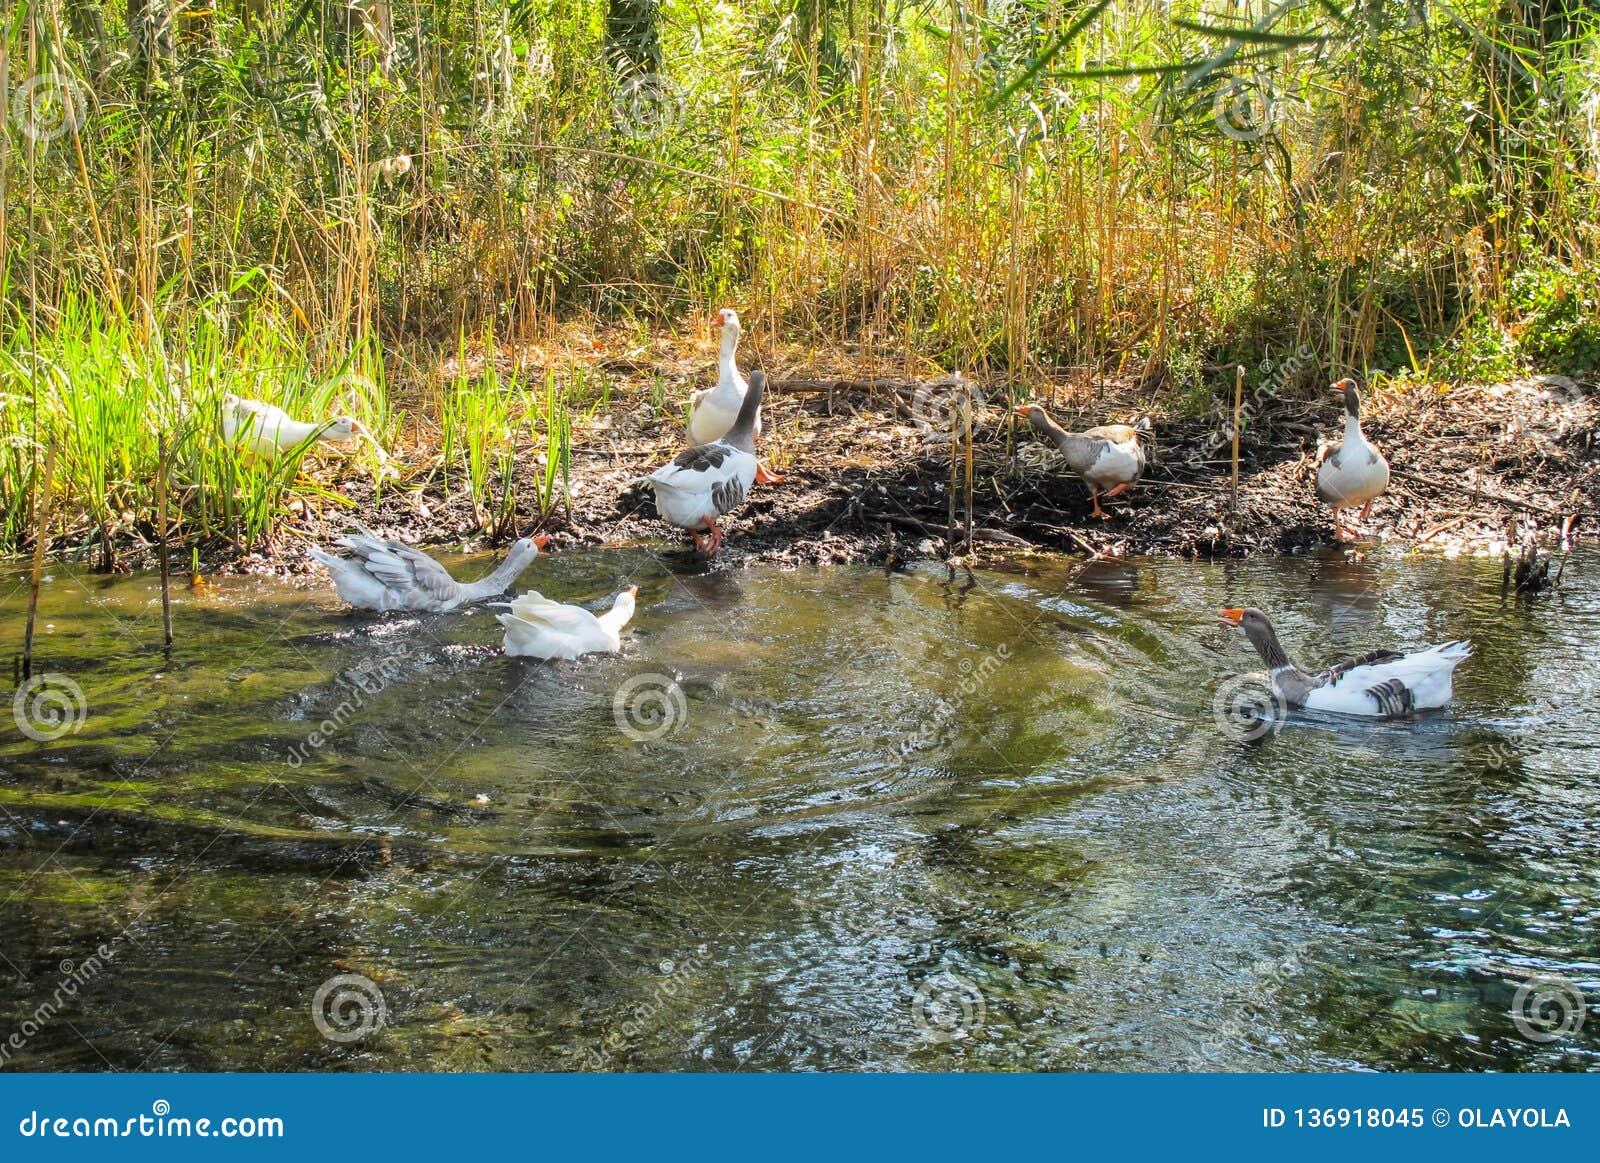 Schandaal in het bedrijf van eenden op de bank van de rivier in een zonnige dag